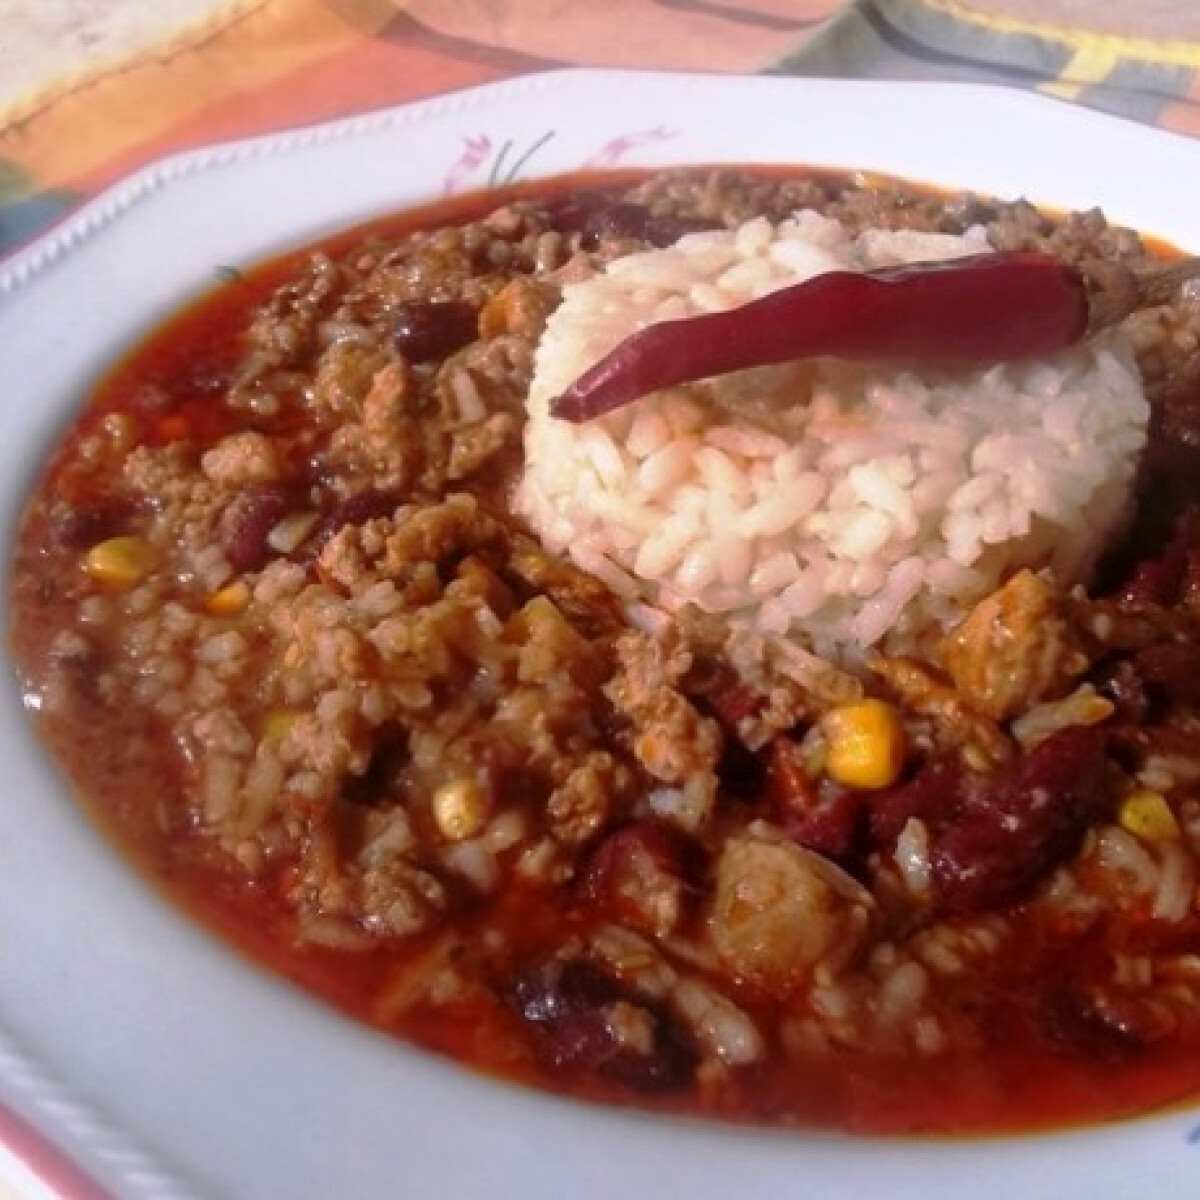 Ezen a képen: Chili con carne - sült chilis bab, ahogy én készítem